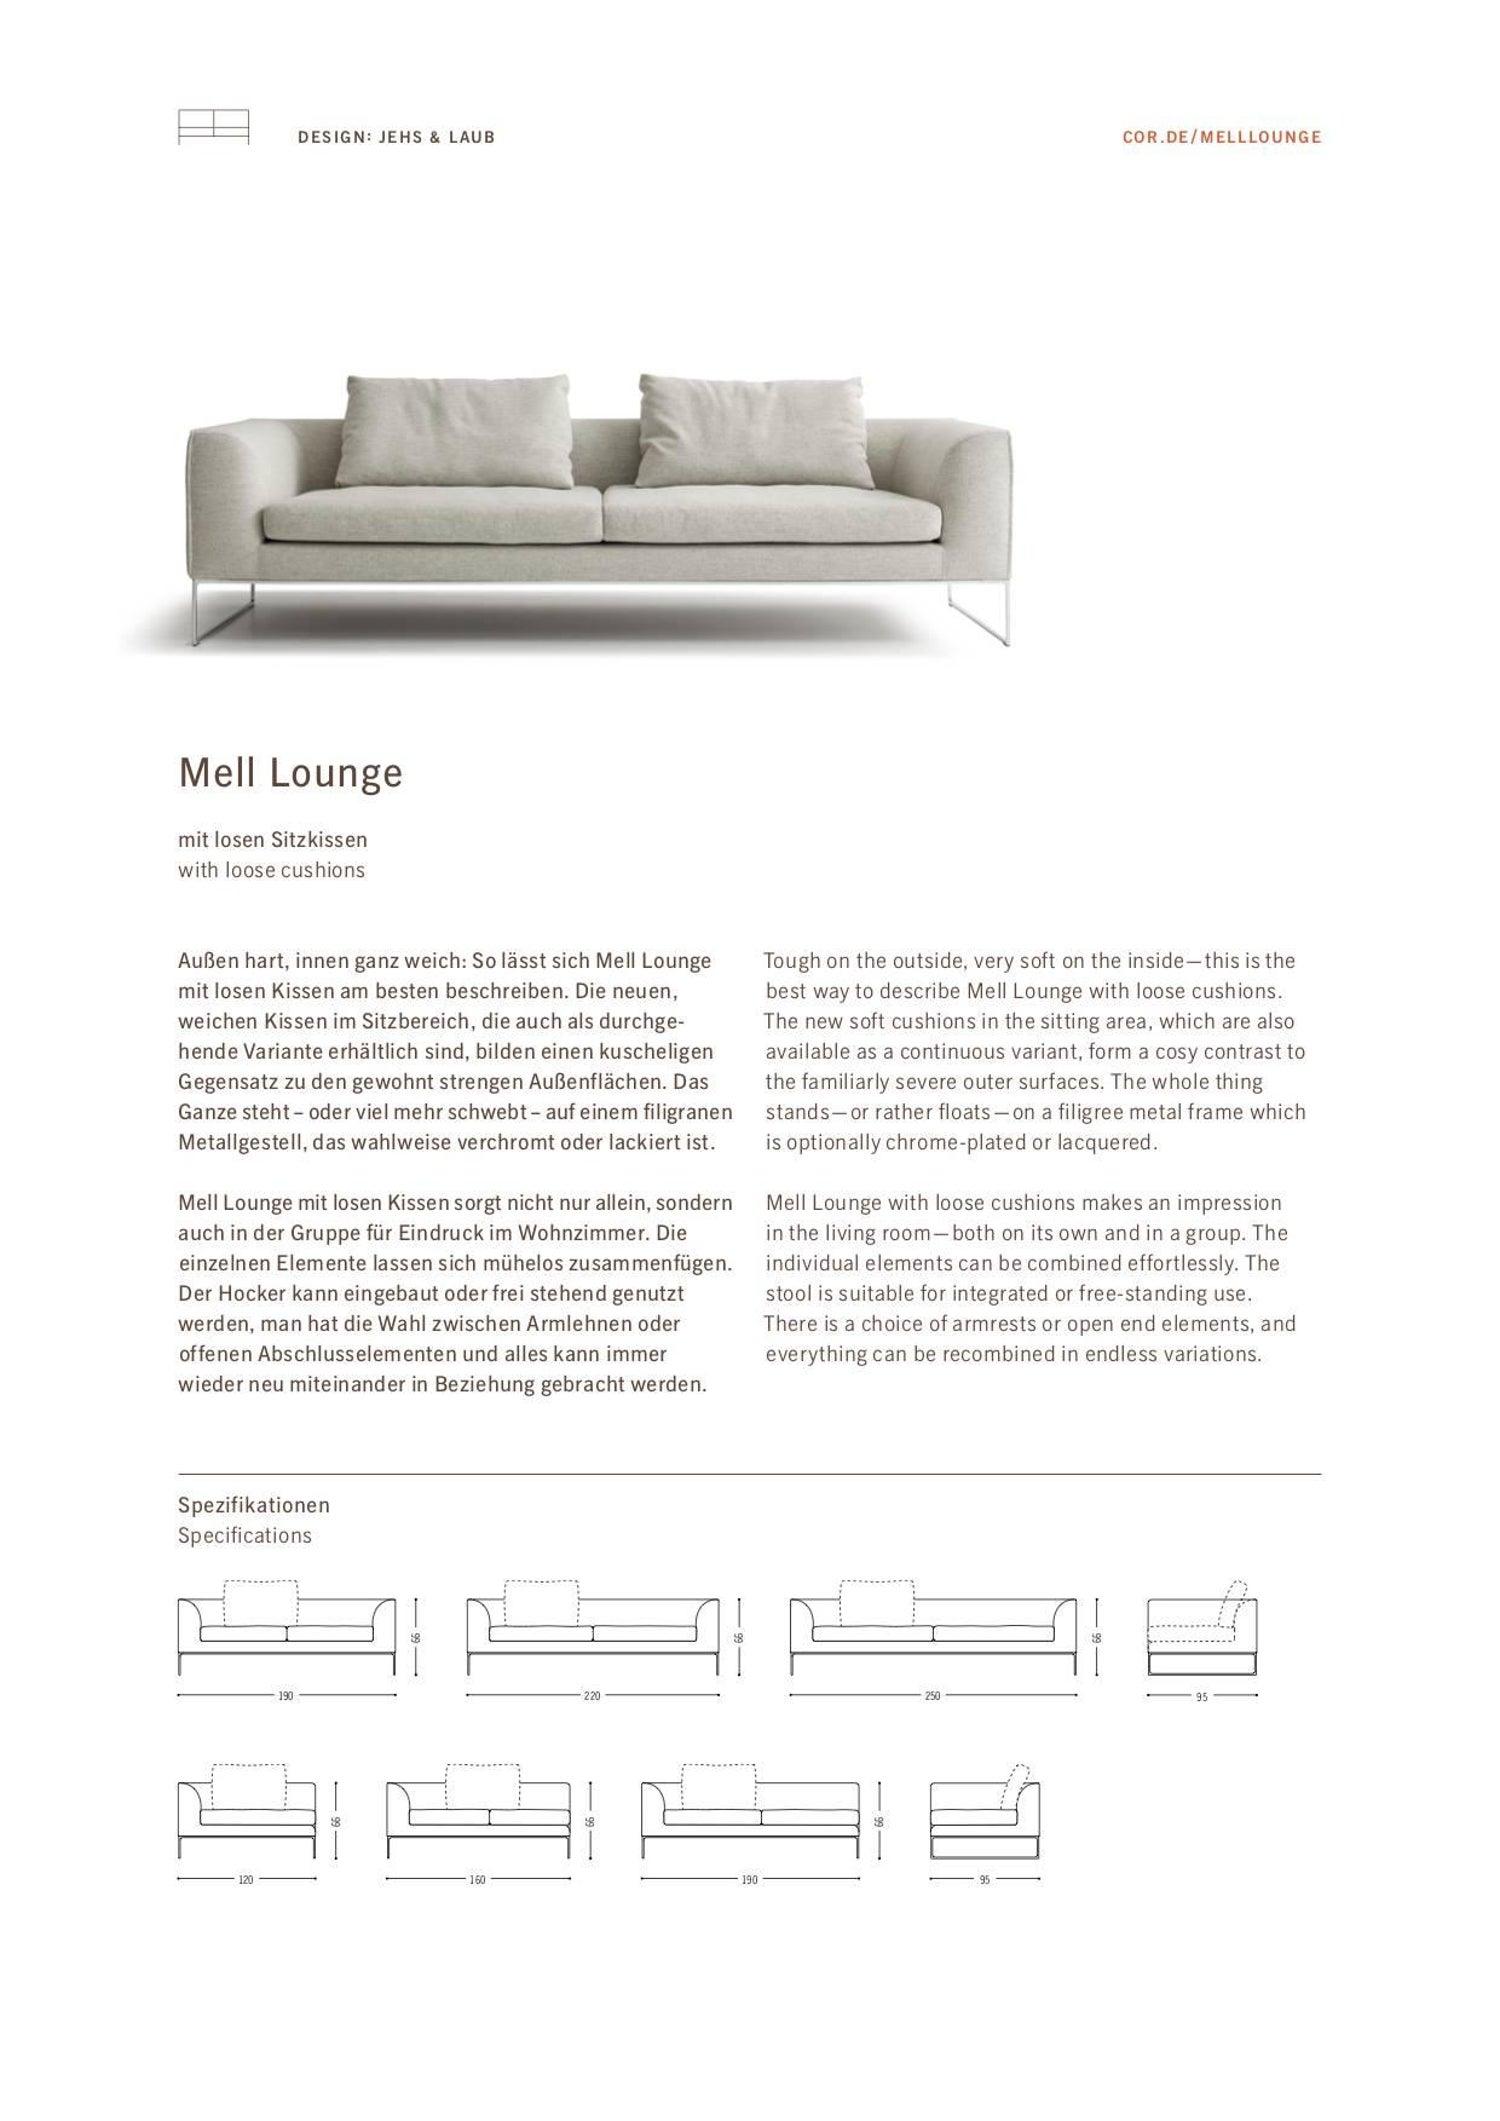 Wundervoll Lounge Sofa Wohnzimmer Das Beste Von